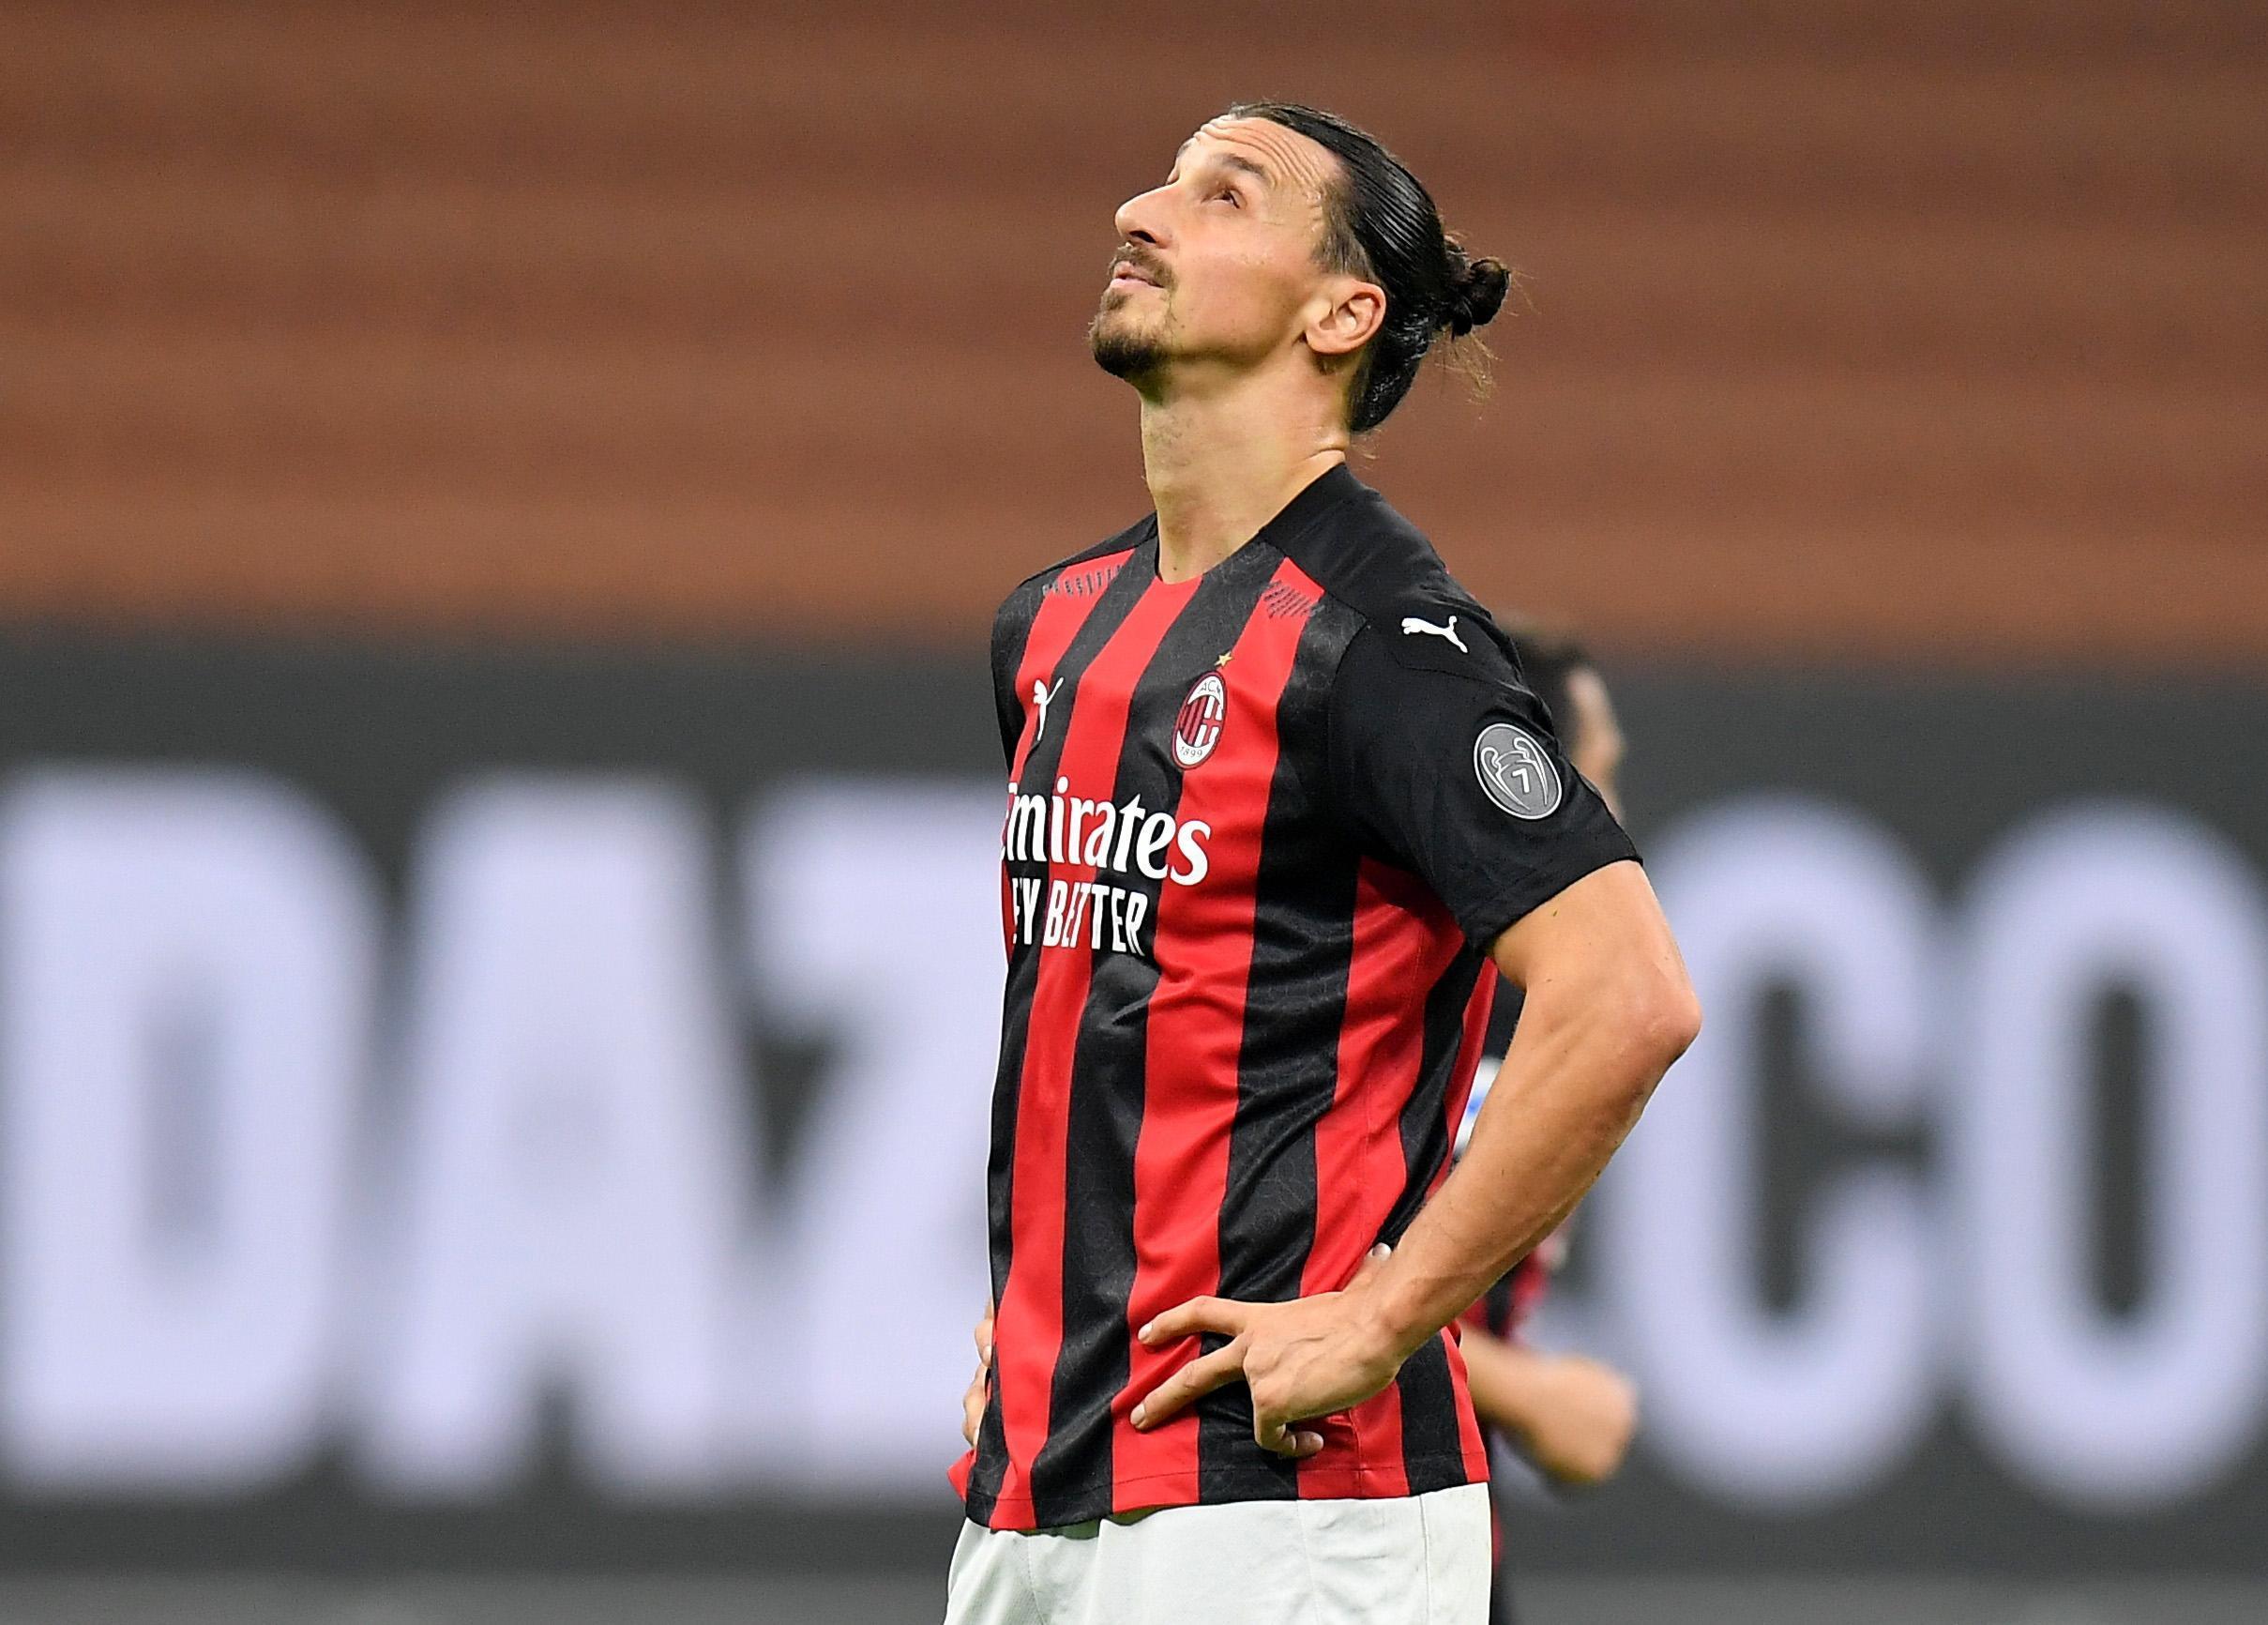 """Legendarens hyllning av Zlatan: """"Zlatan är från en annan planet"""""""